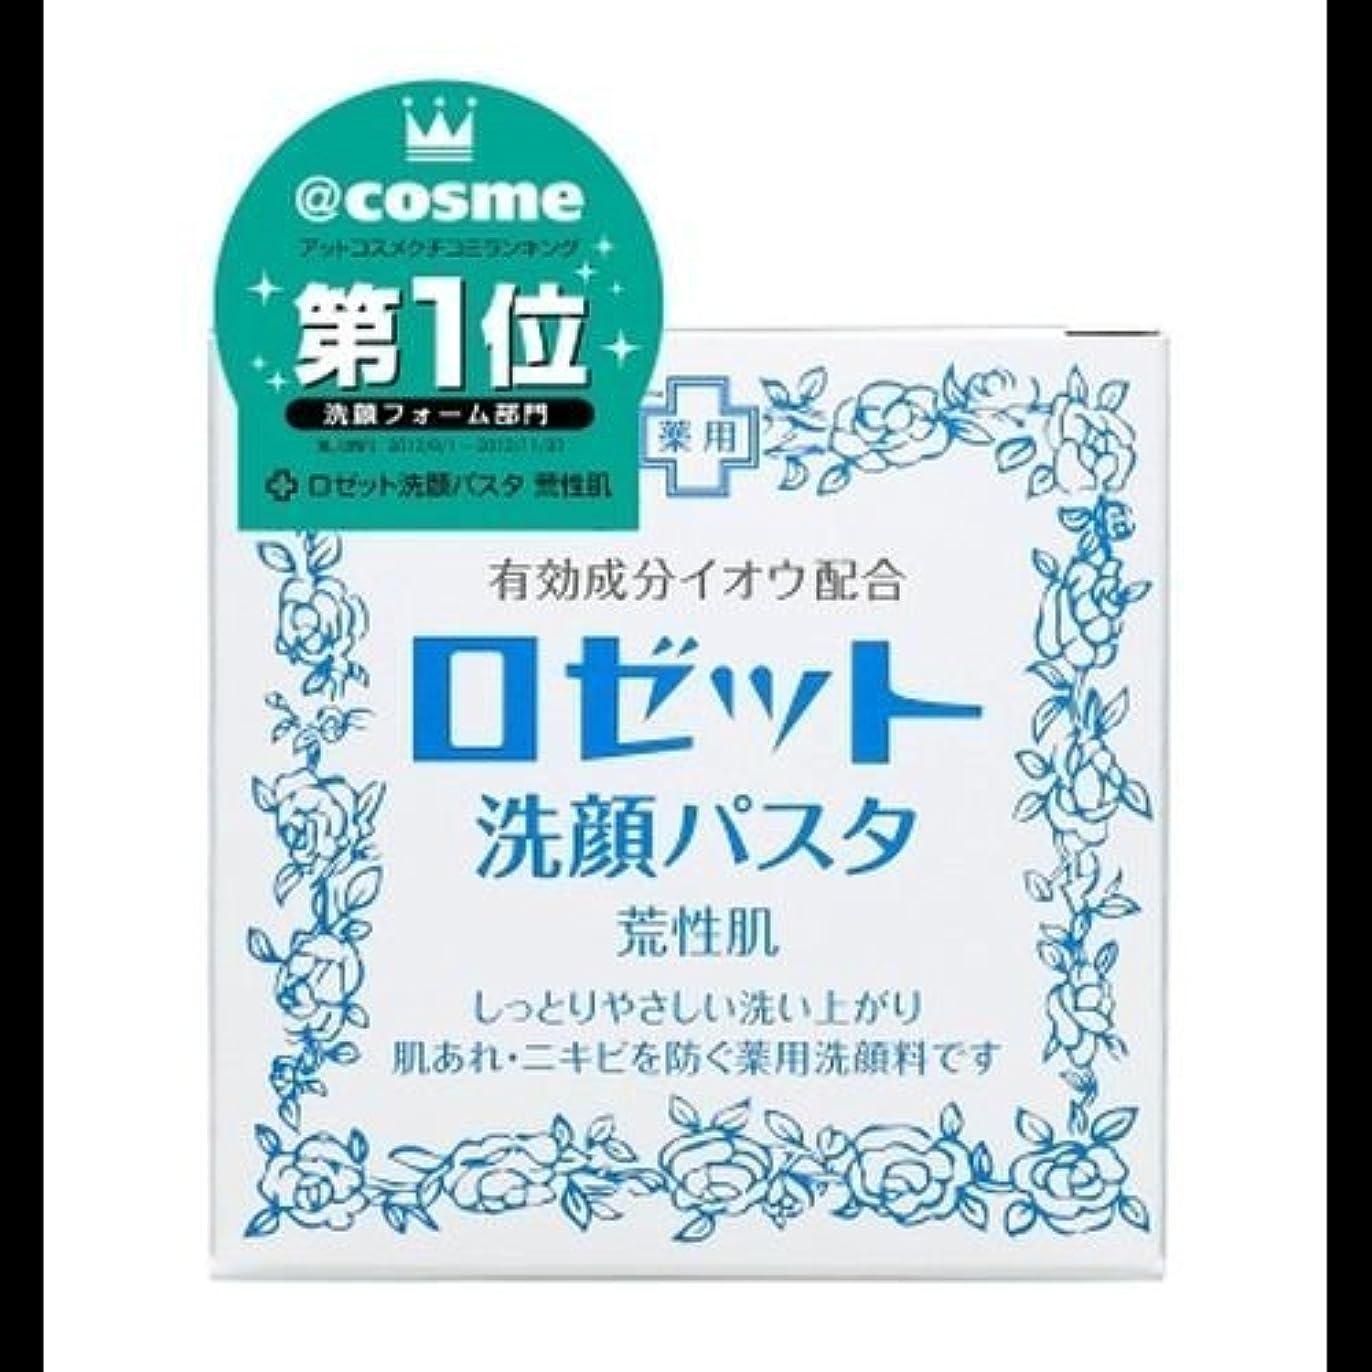 【まとめ買い】ロゼット 洗顔パスタ 荒性90g ×2セット